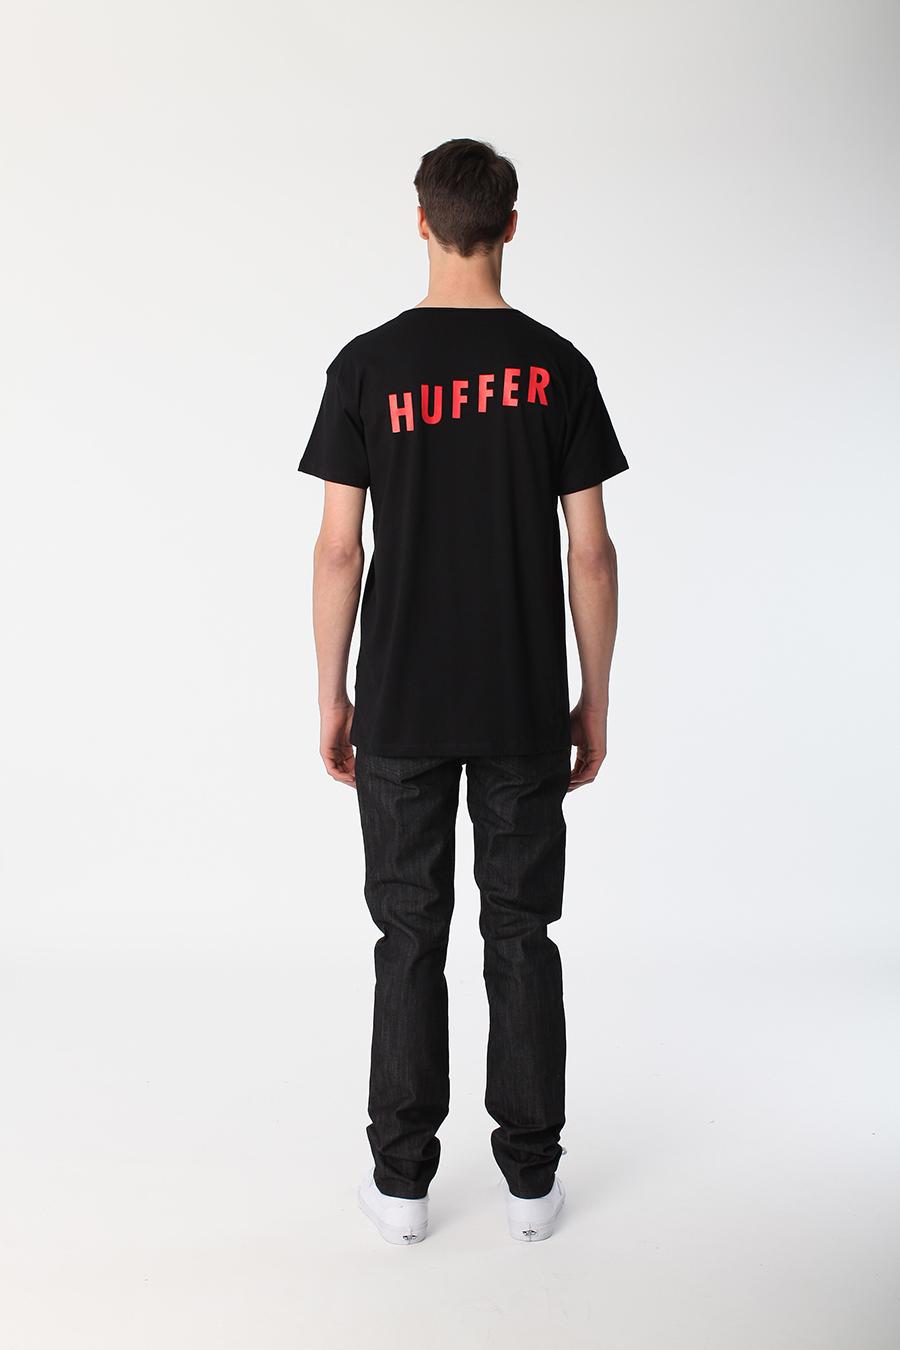 Huffer_Q1-16_M-Certain-Tee-Rise_Black_003.jpg